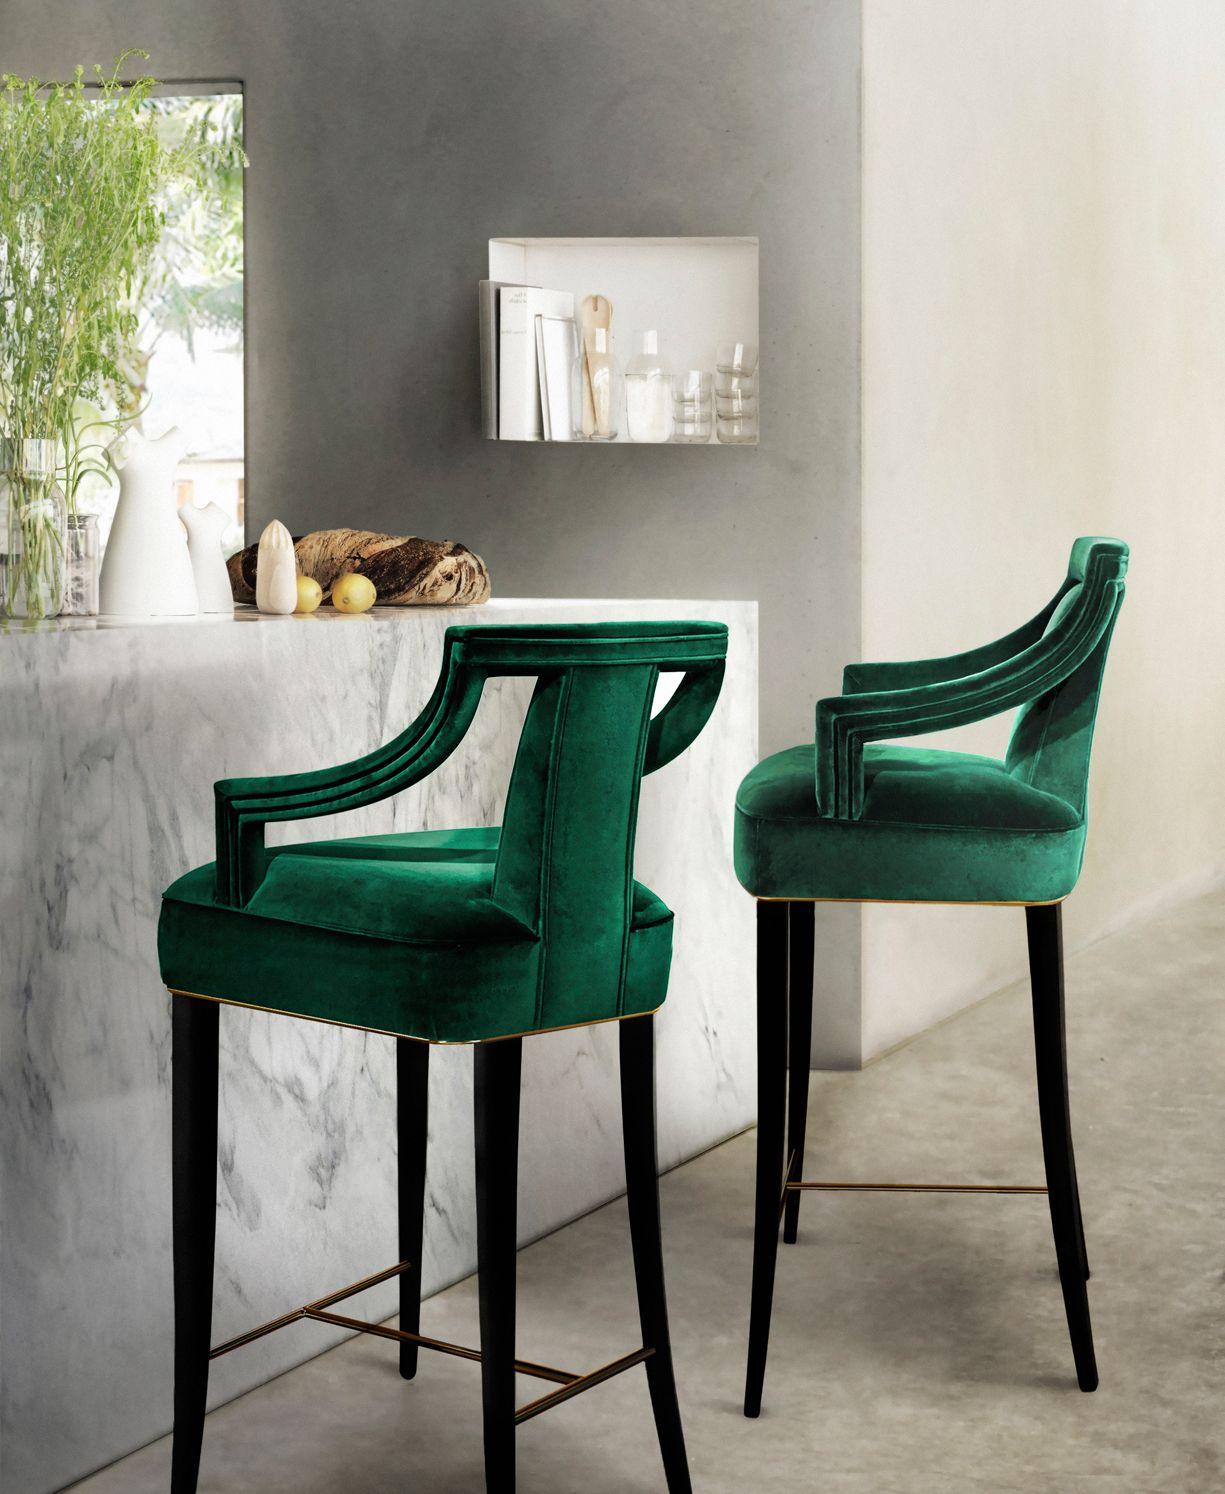 EANDA Bar Chair Modern Design By BRABBU Is A Velvet Upholstered Counter  Stool Ideal For A